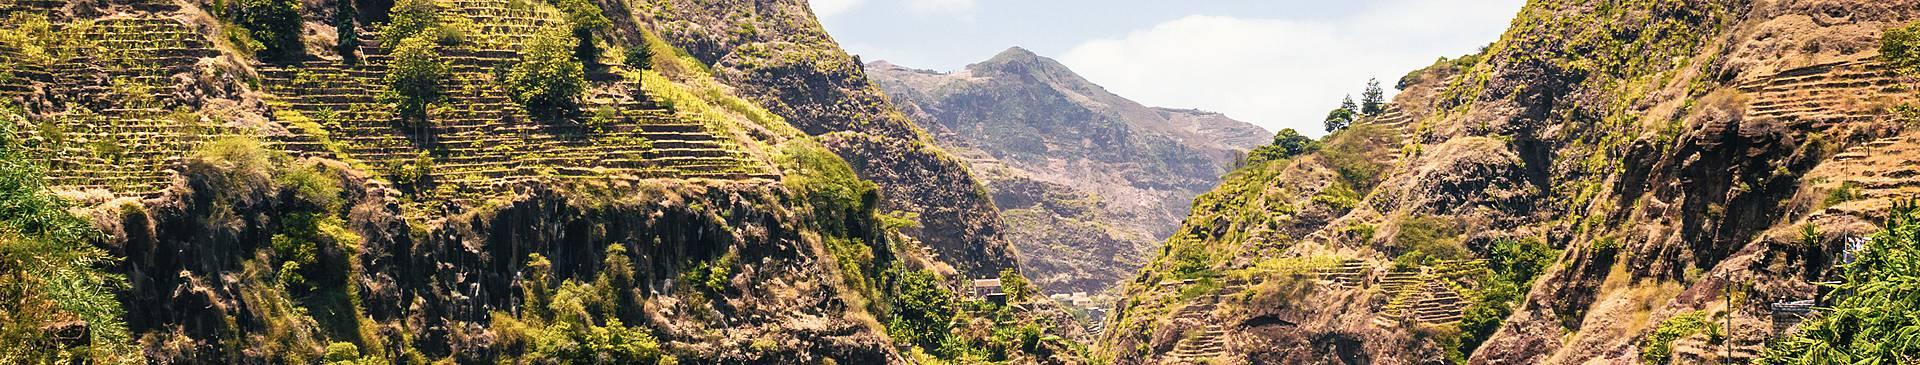 Wanderreisen Kapverden